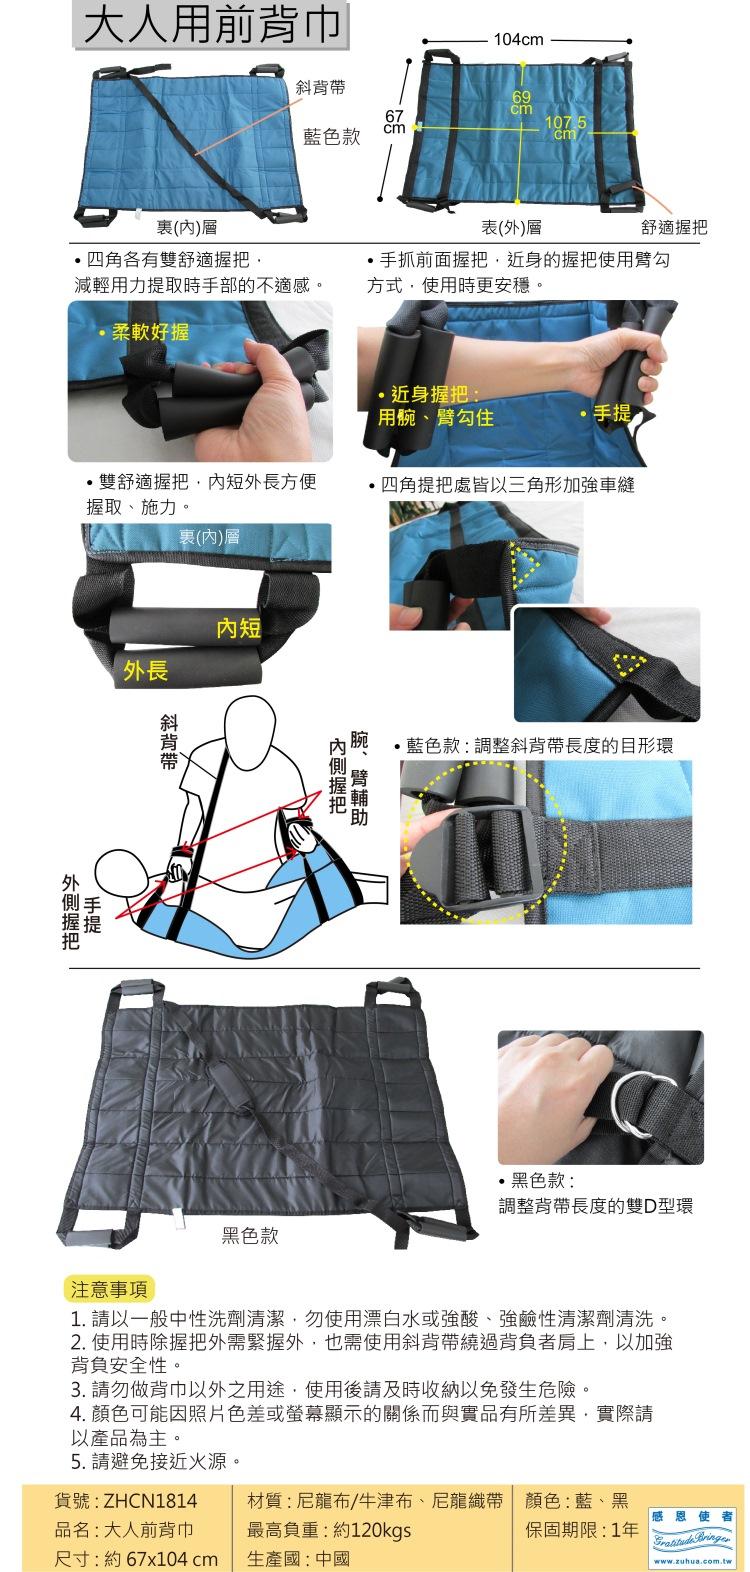 大人用背巾:前背、前抱式,適合慣用前抱式移動的使用者。